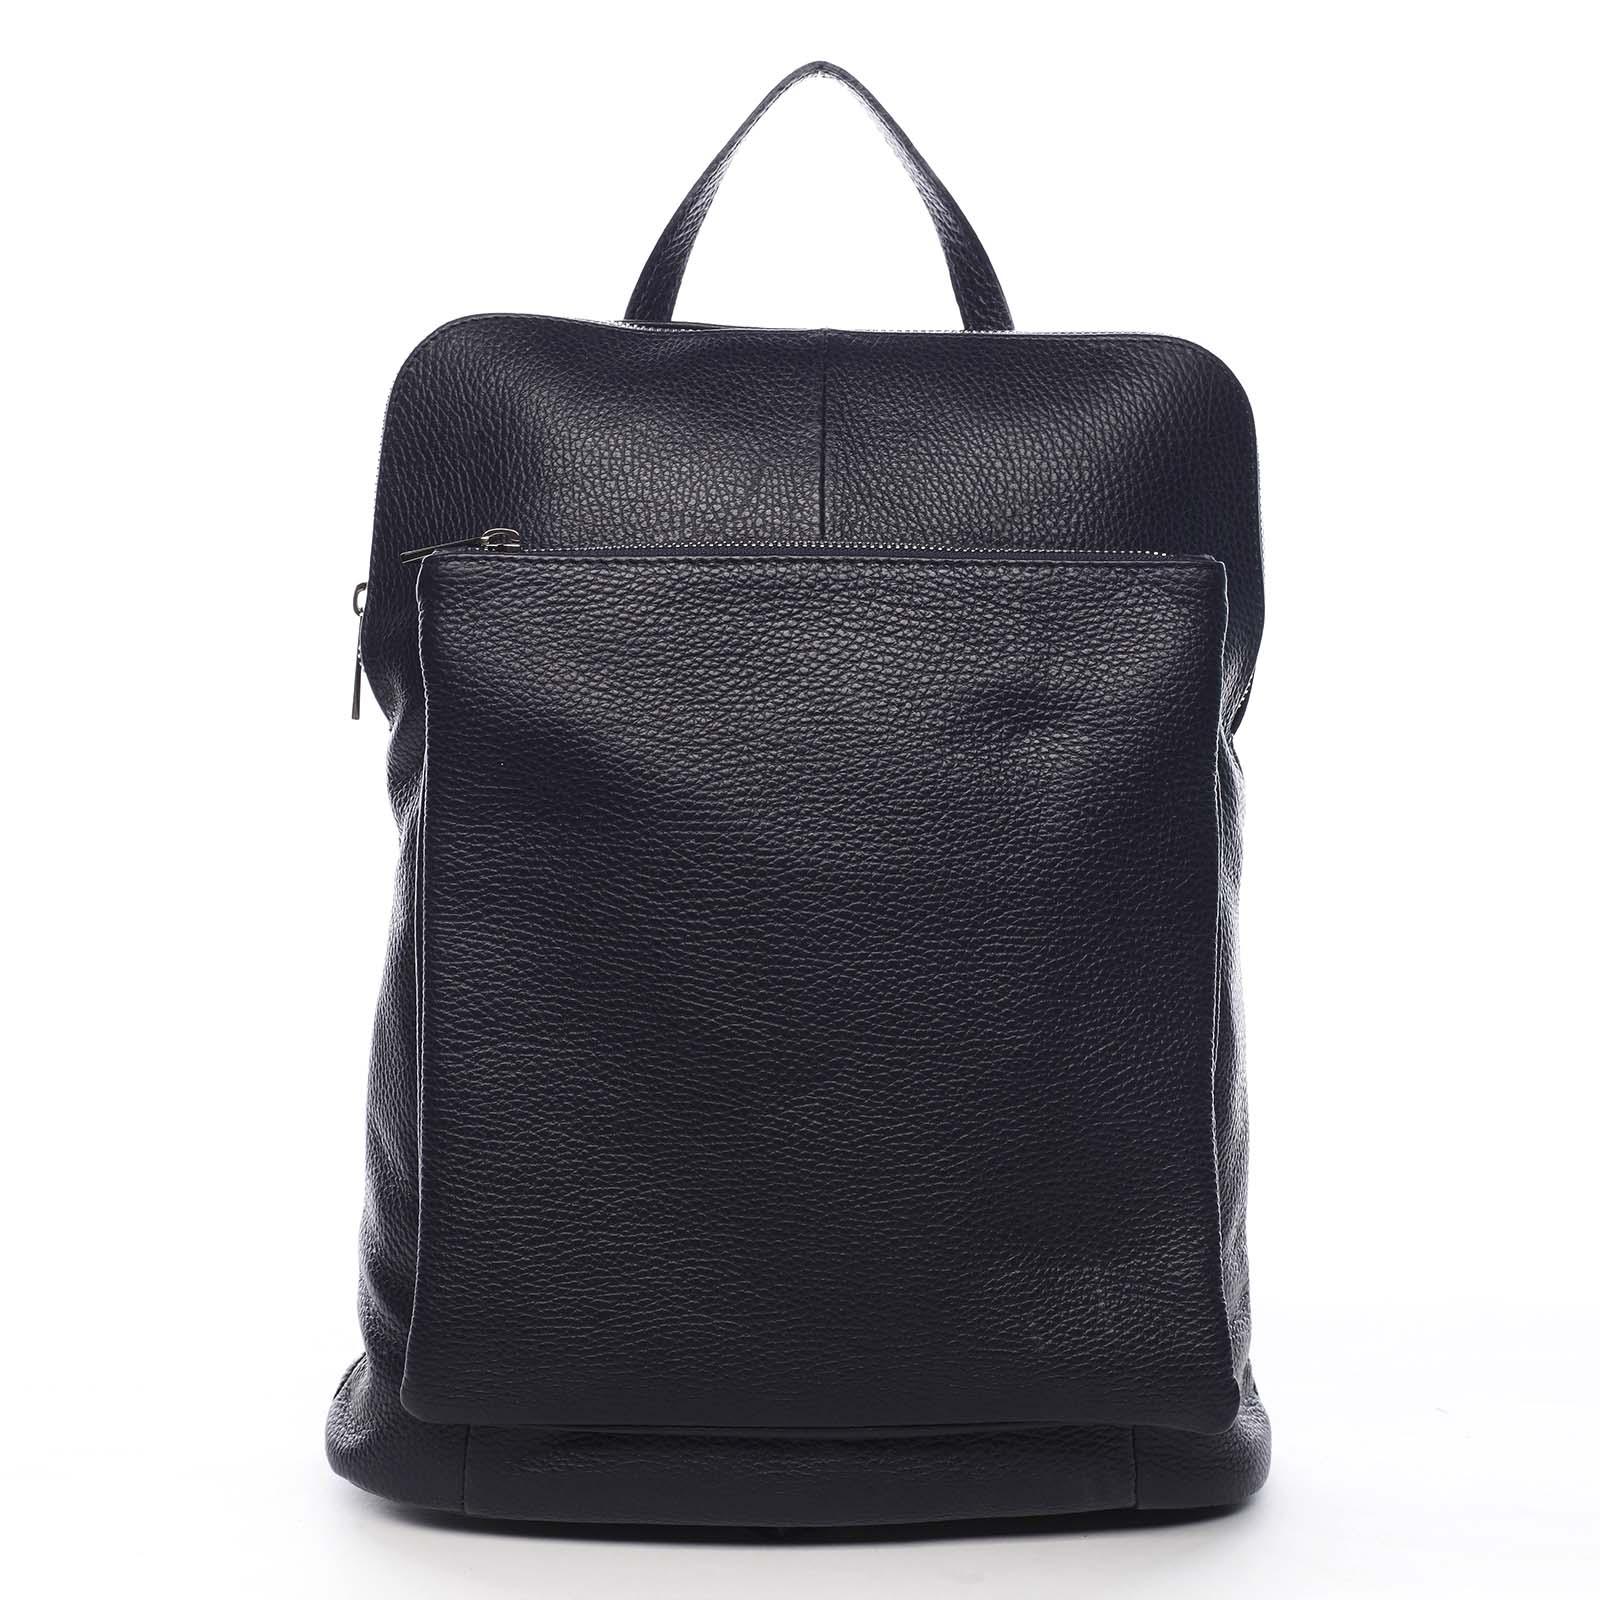 Dámský kožený batůžek kabelka černý - ItalY Houtel